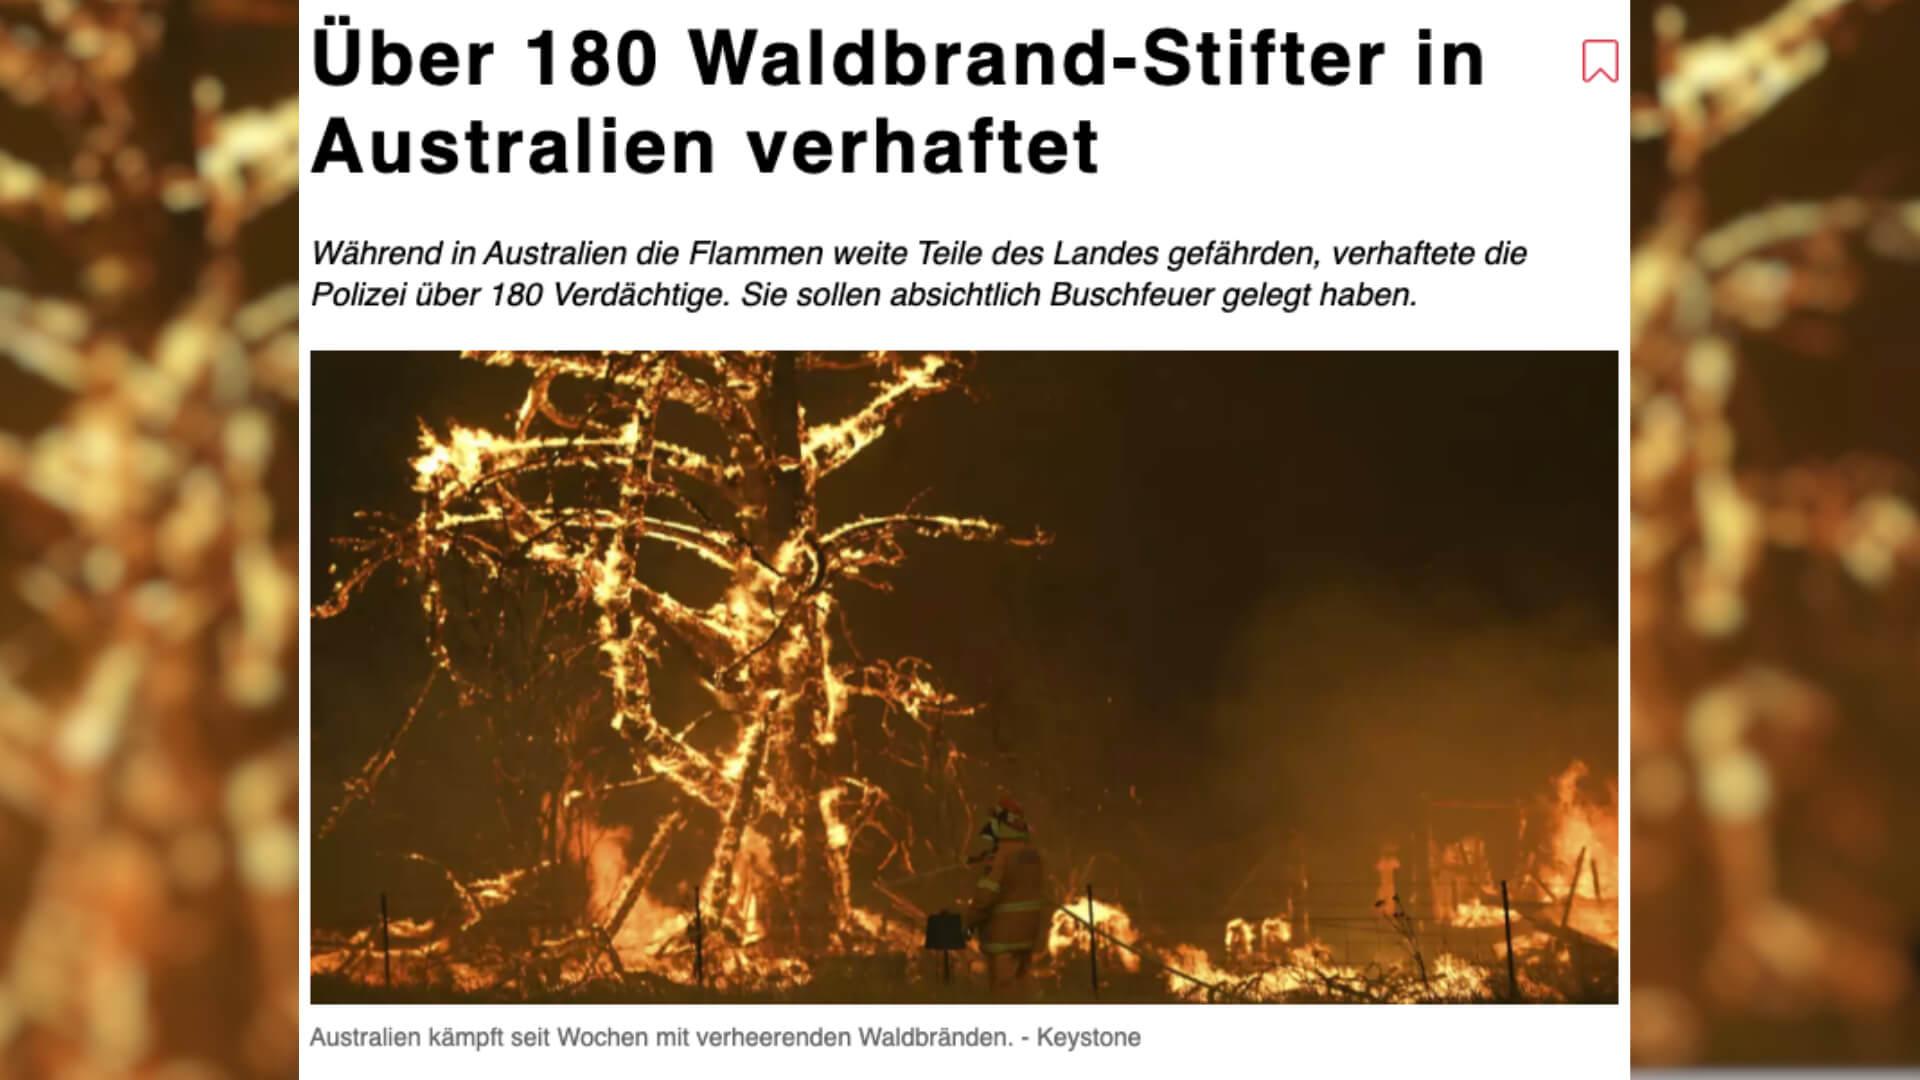 Buschbrände in Australien: Zahlen zu angeblich festgenommenen Brandstiftern sind irreführend